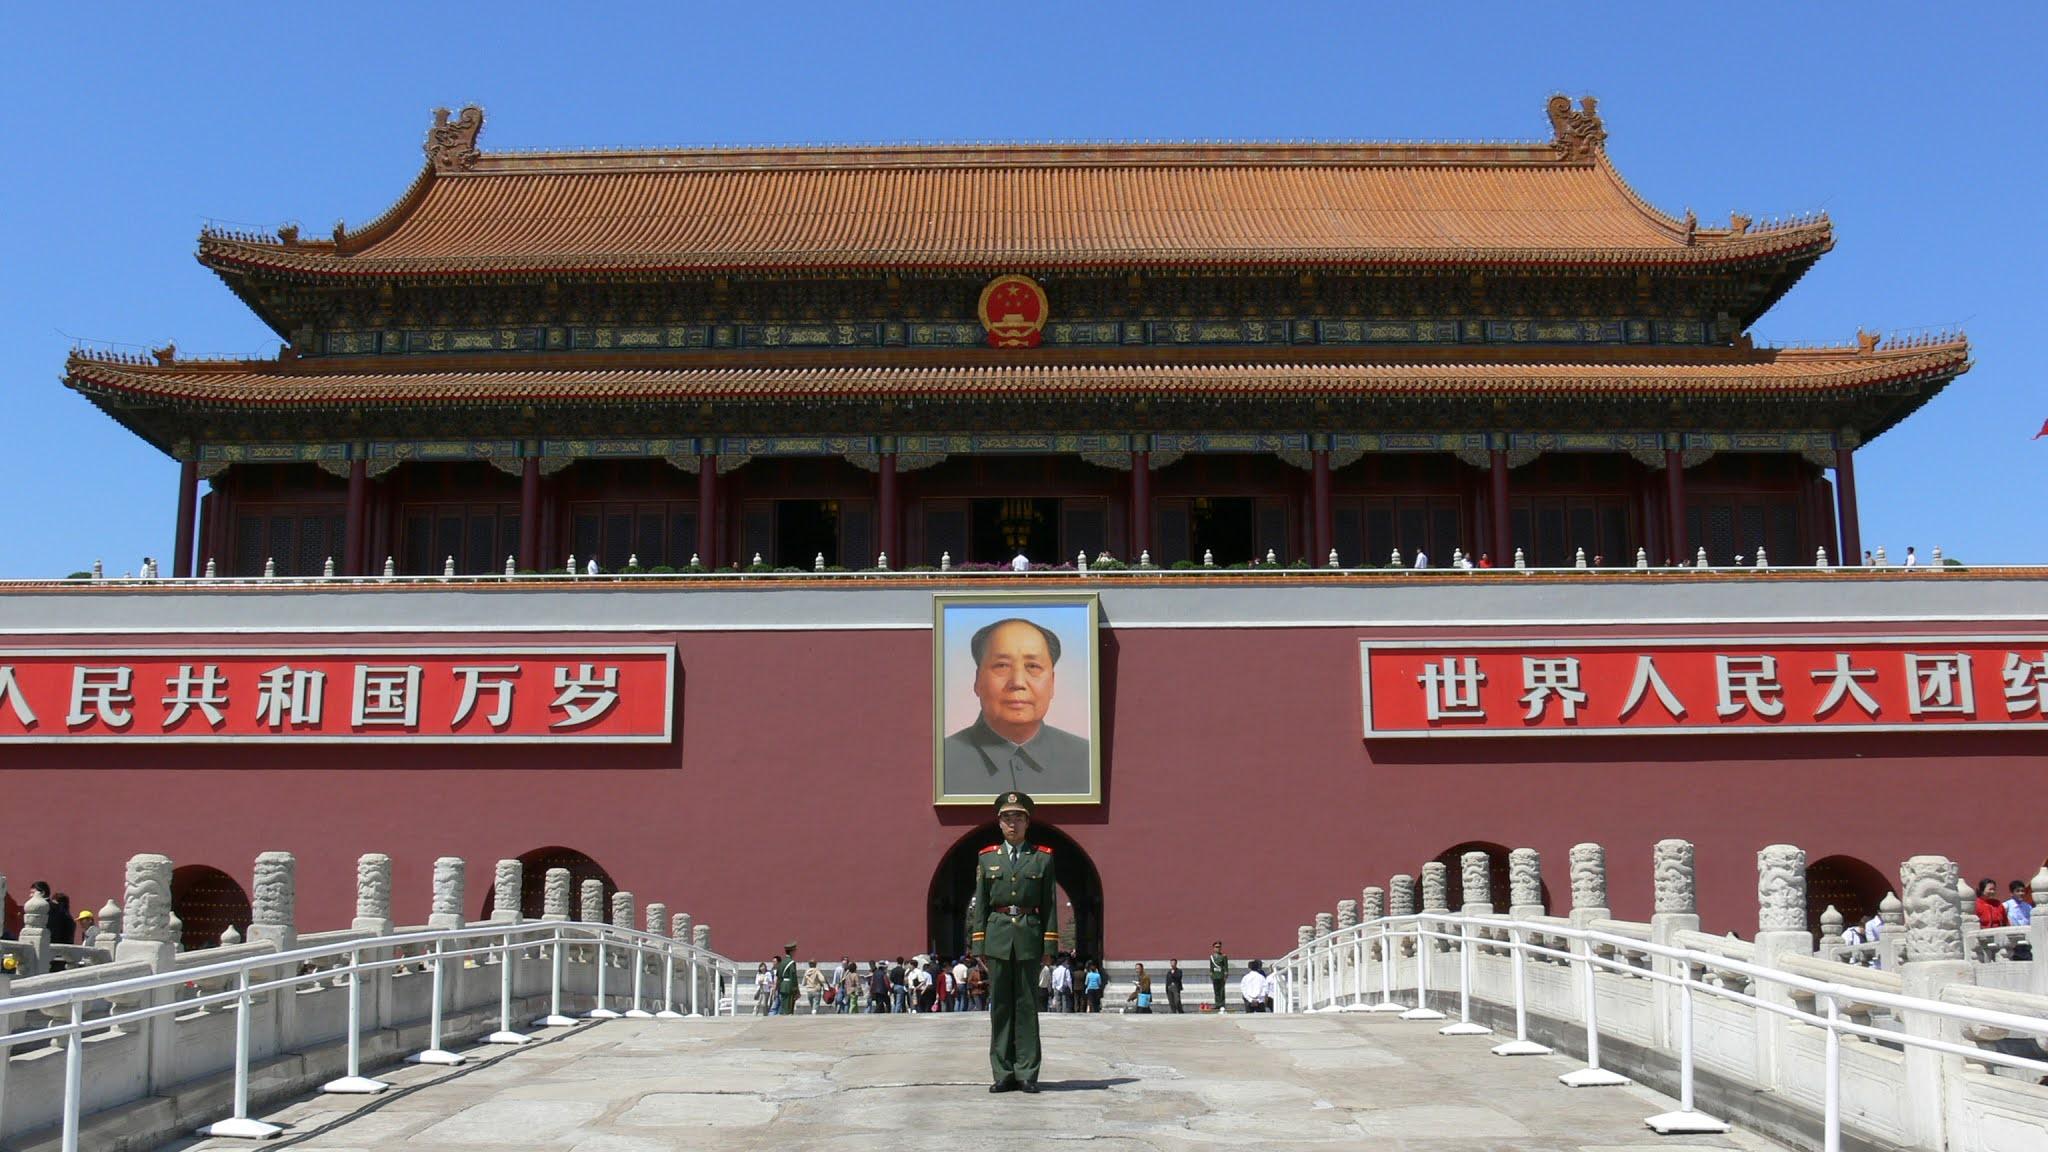 Soldado chinês montando guarda na Praça da Paz celestial em Pequim, tendo do fundo a imagem de Mao Tsé-tung